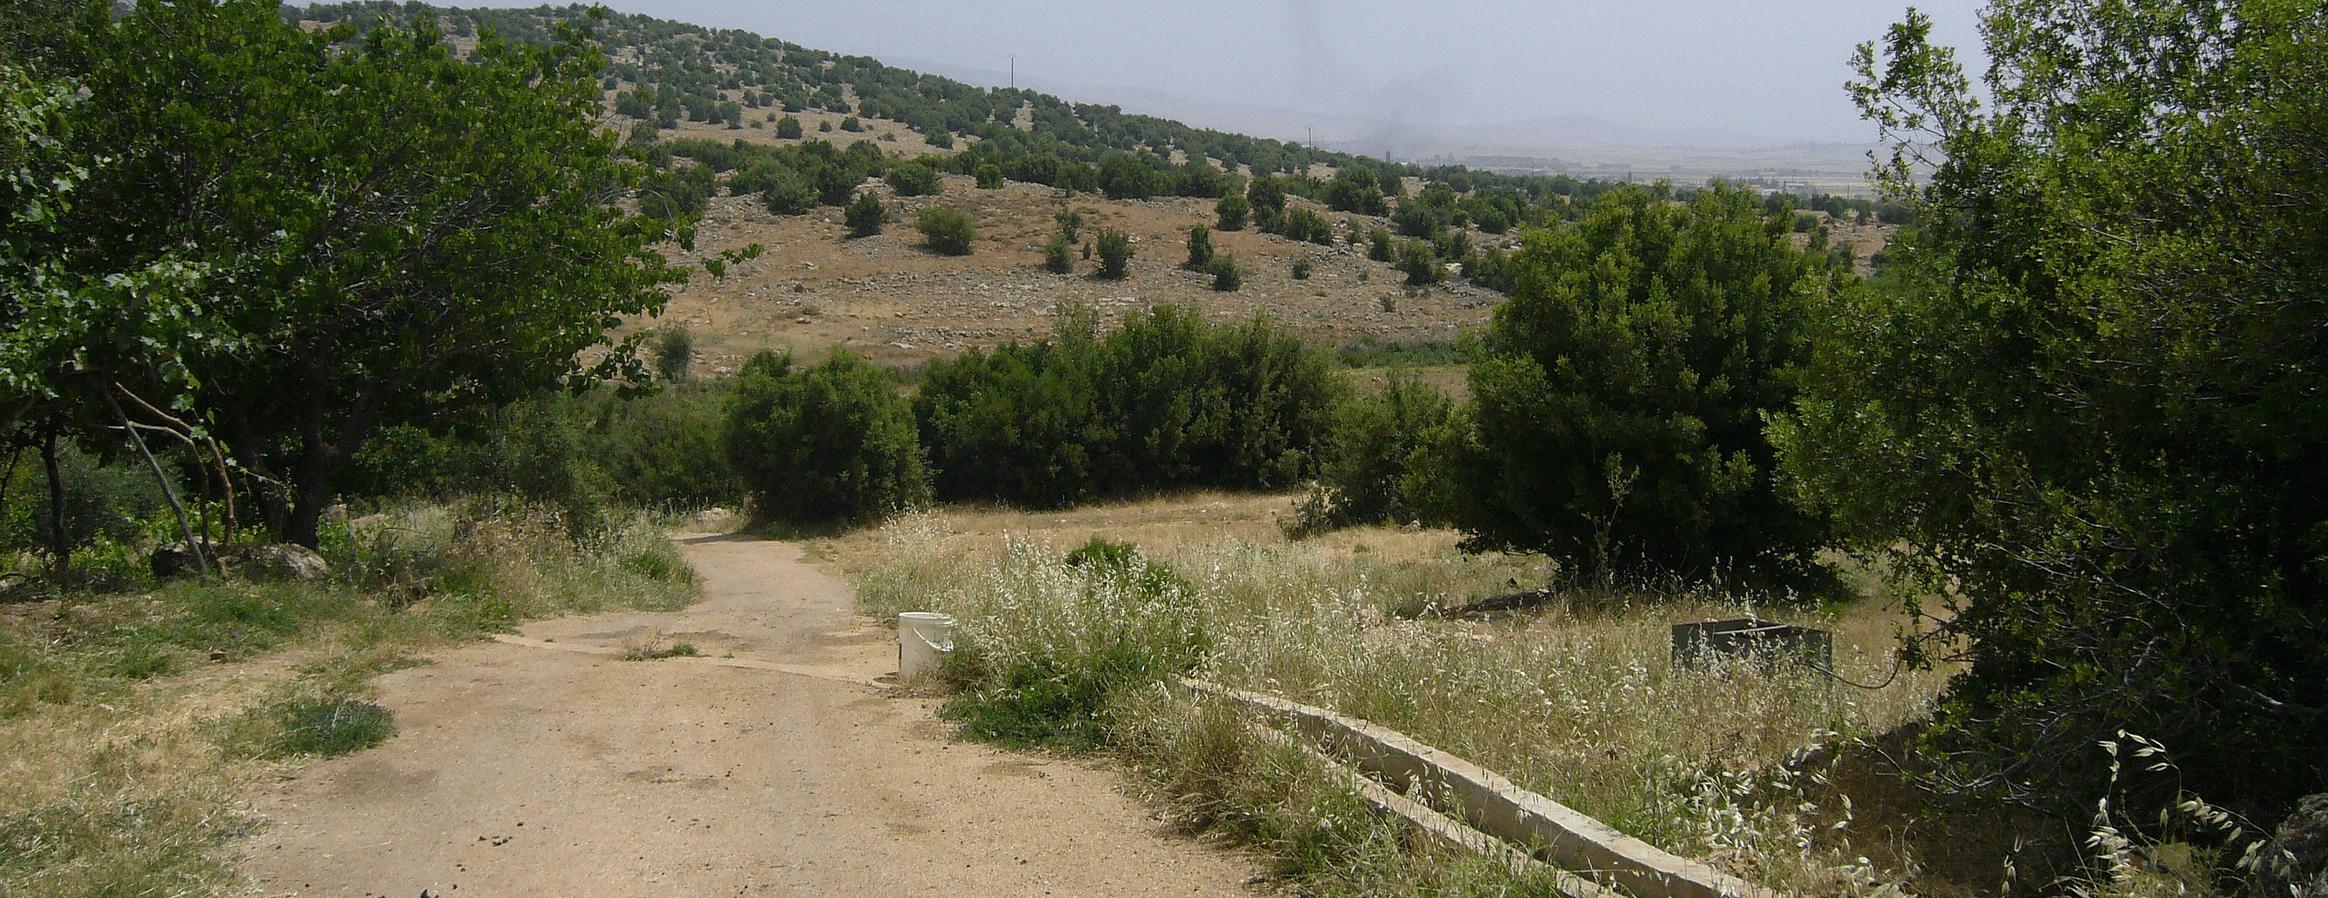 wada trails deir el ahmar lebanon traveler